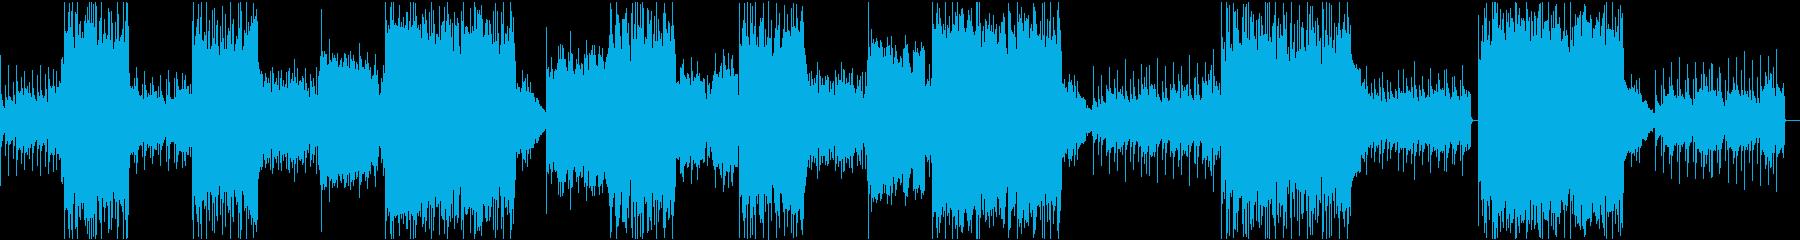 怪しい雰囲気の曲instの再生済みの波形